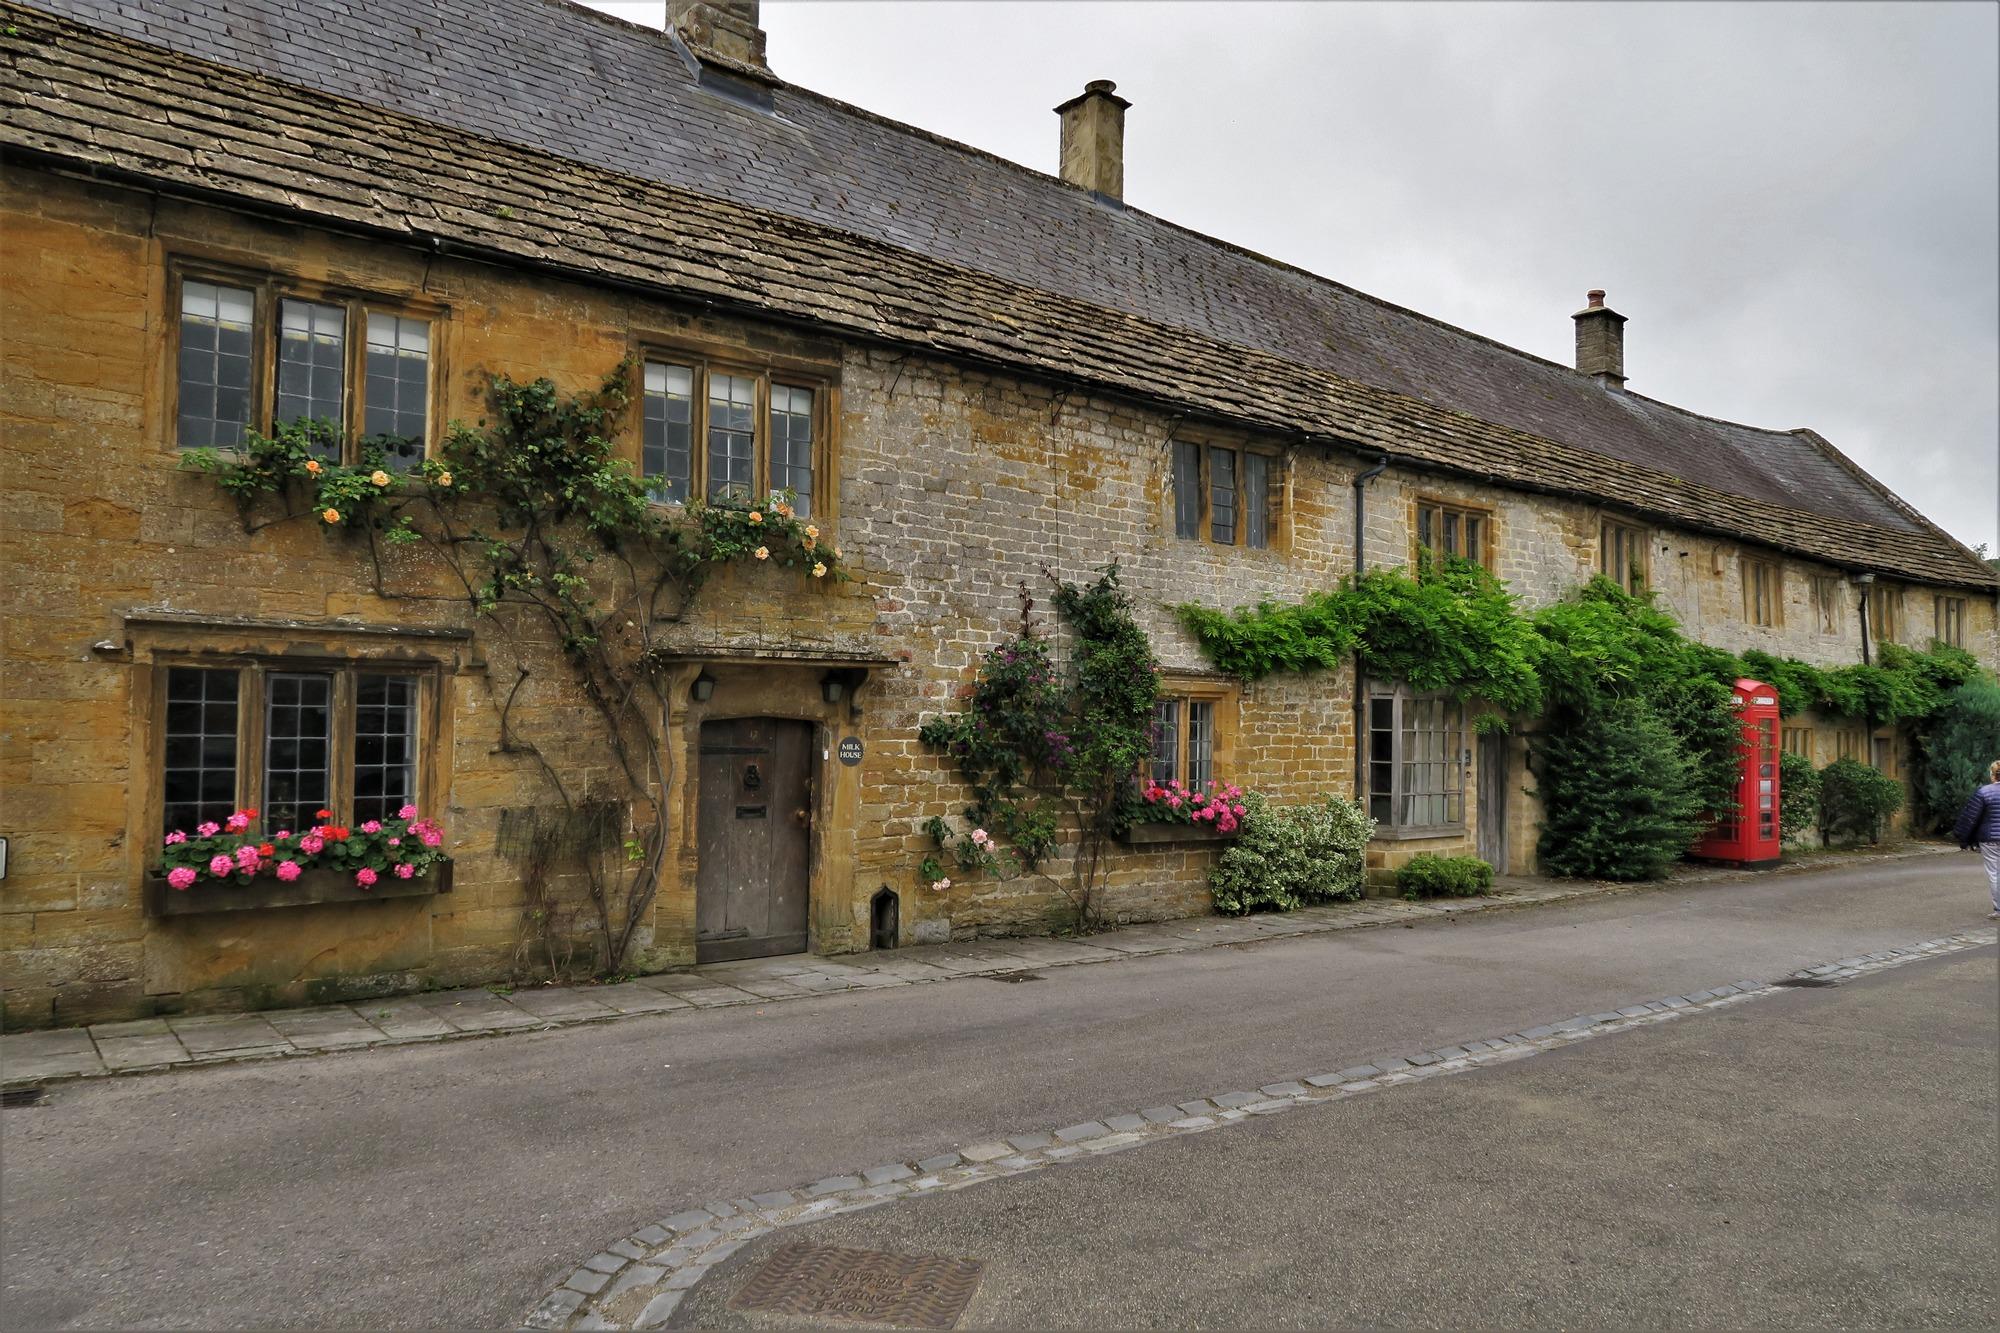 MONTACUTE village